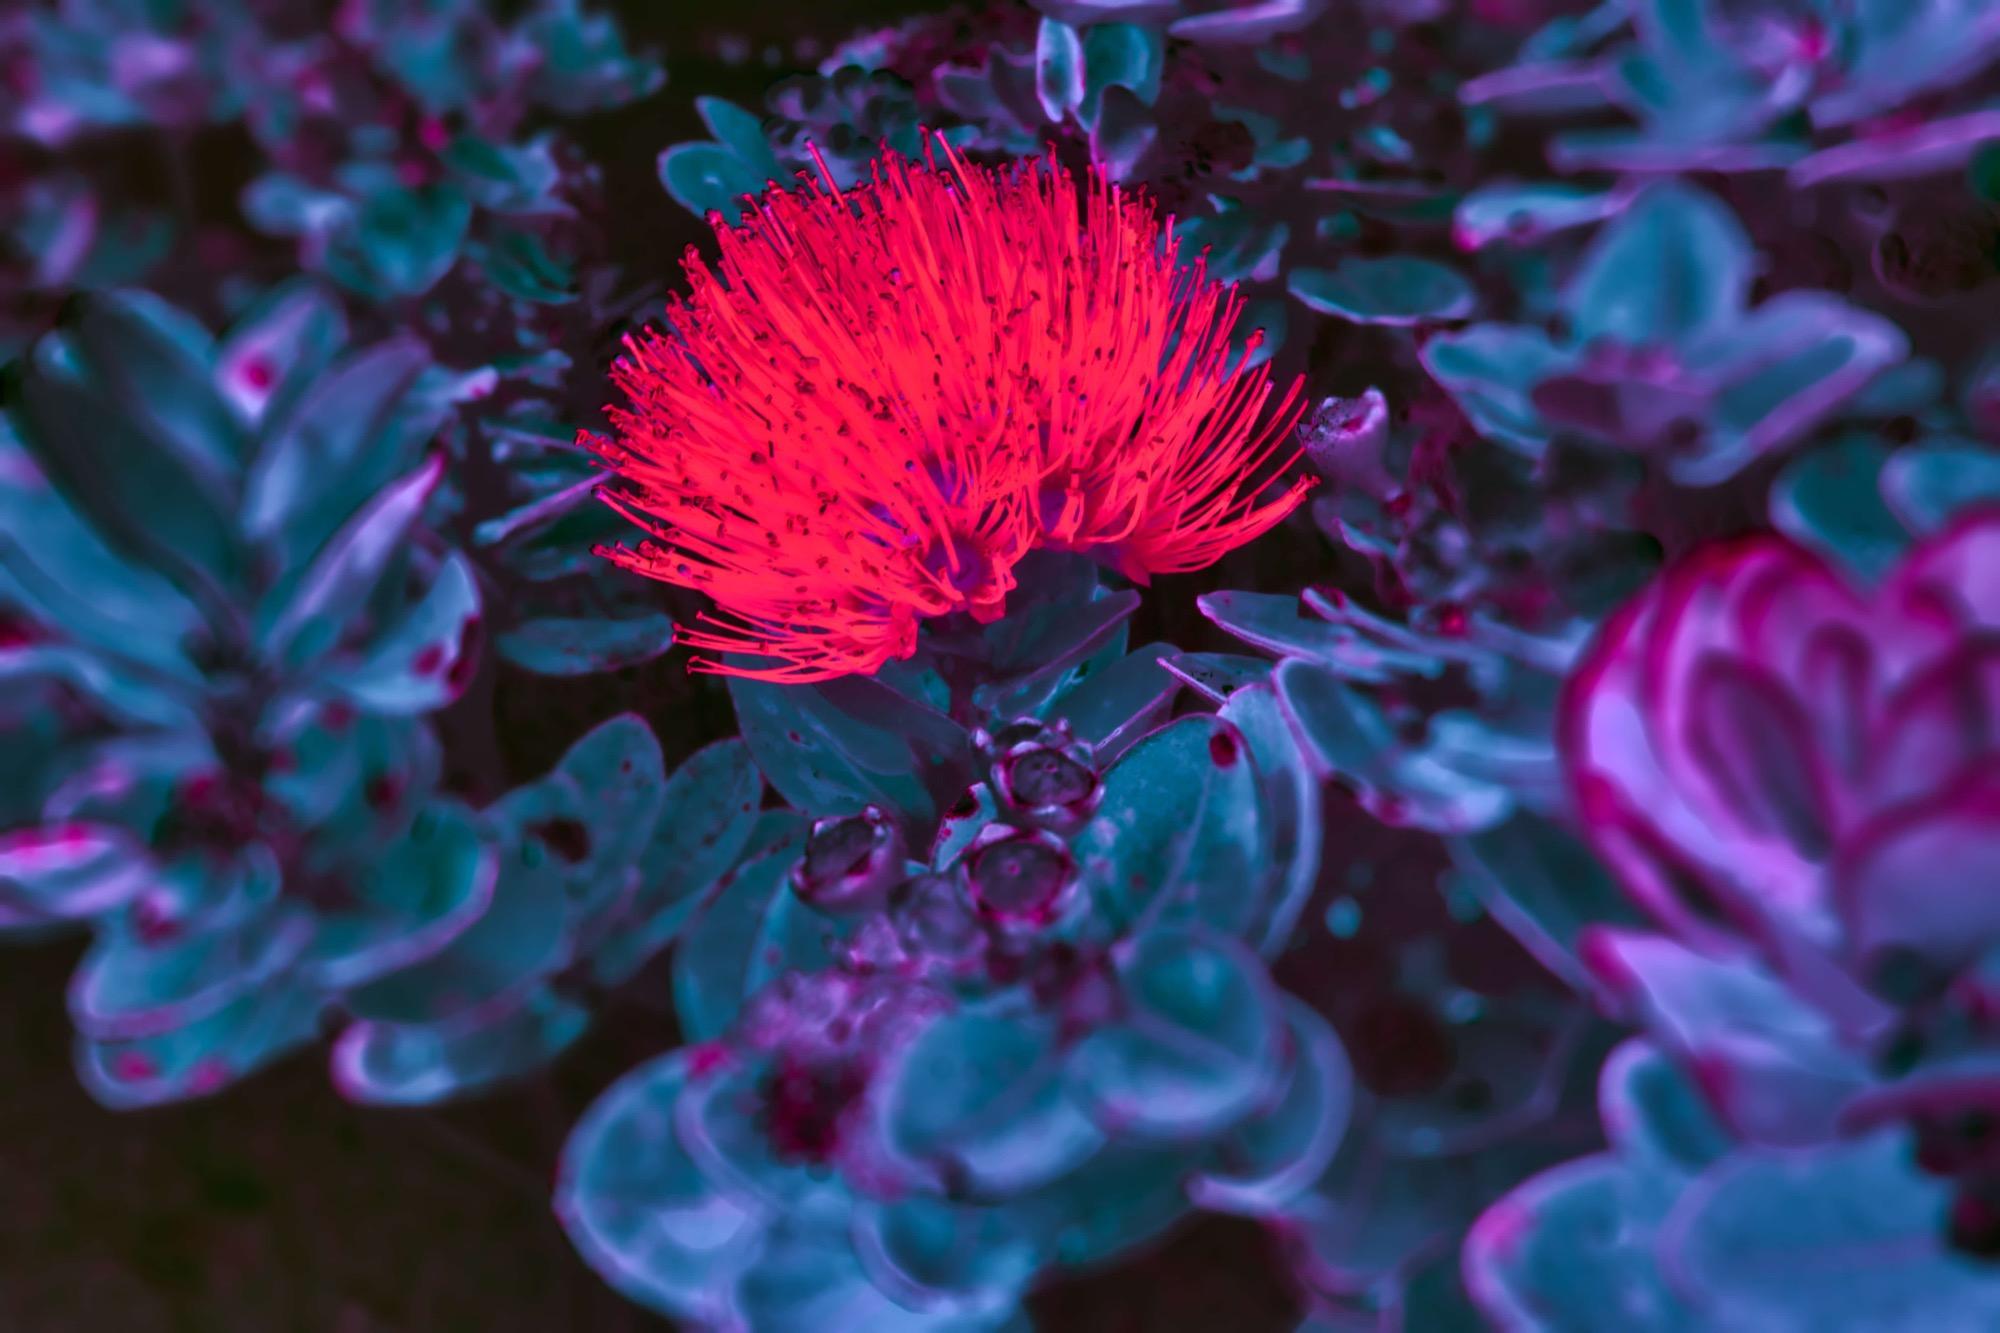 20110206 - 09-51-08_AuroraHDR2019-edit.jpg